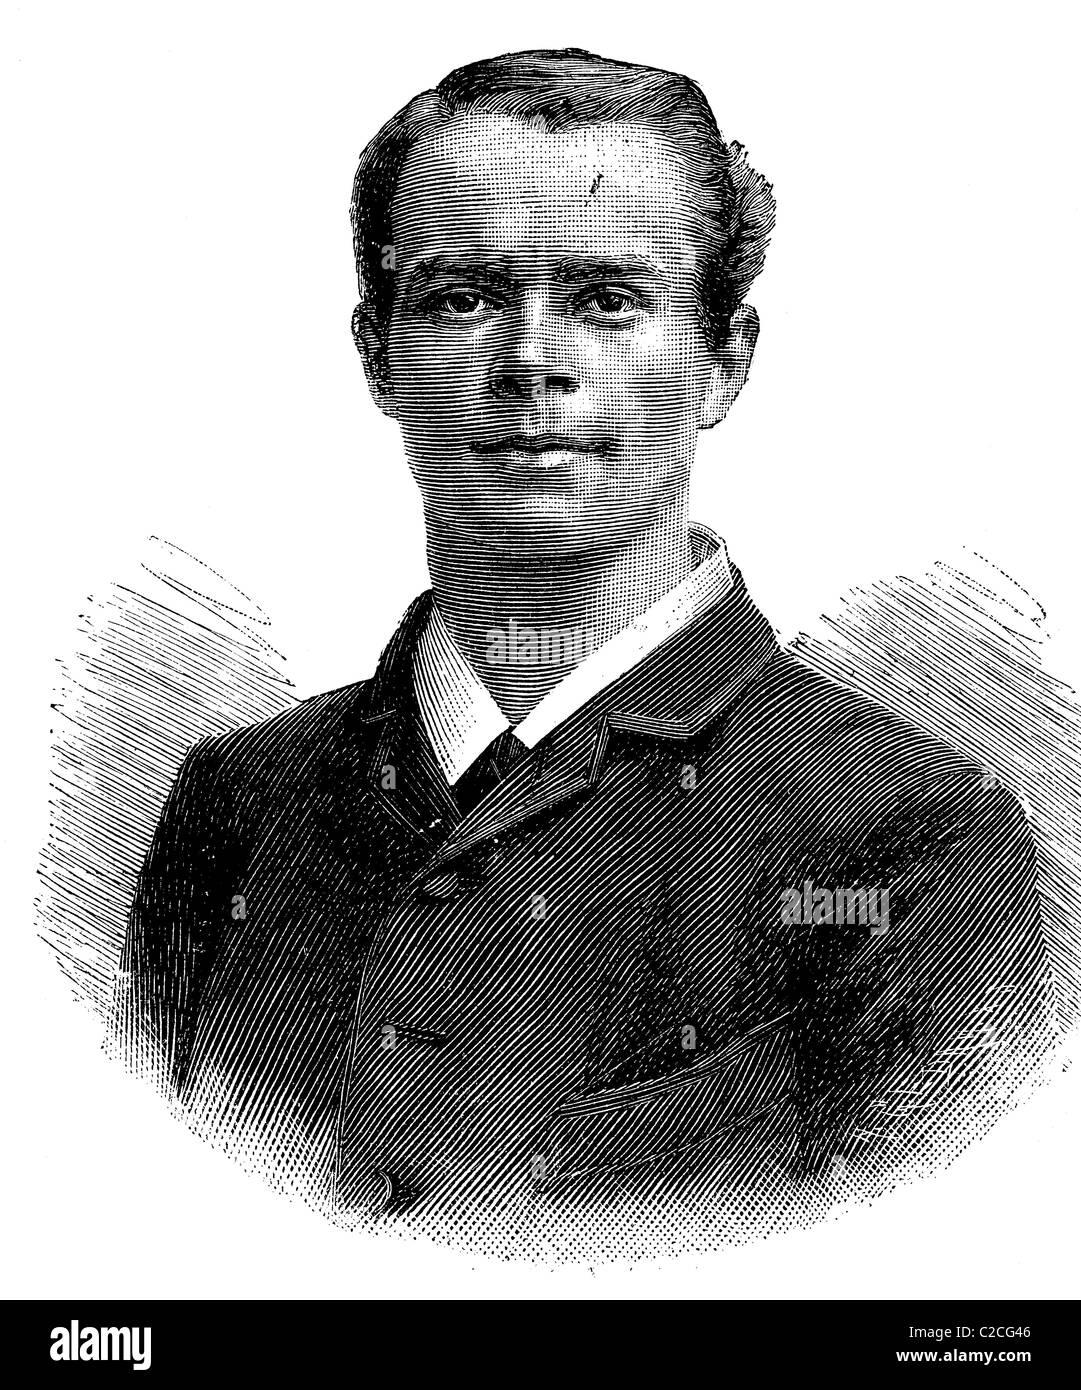 Otto Peitz, l'un des gagnants de la distance mars Vienne - Berlin 1893, illustration historique vers 1893 Photo Stock